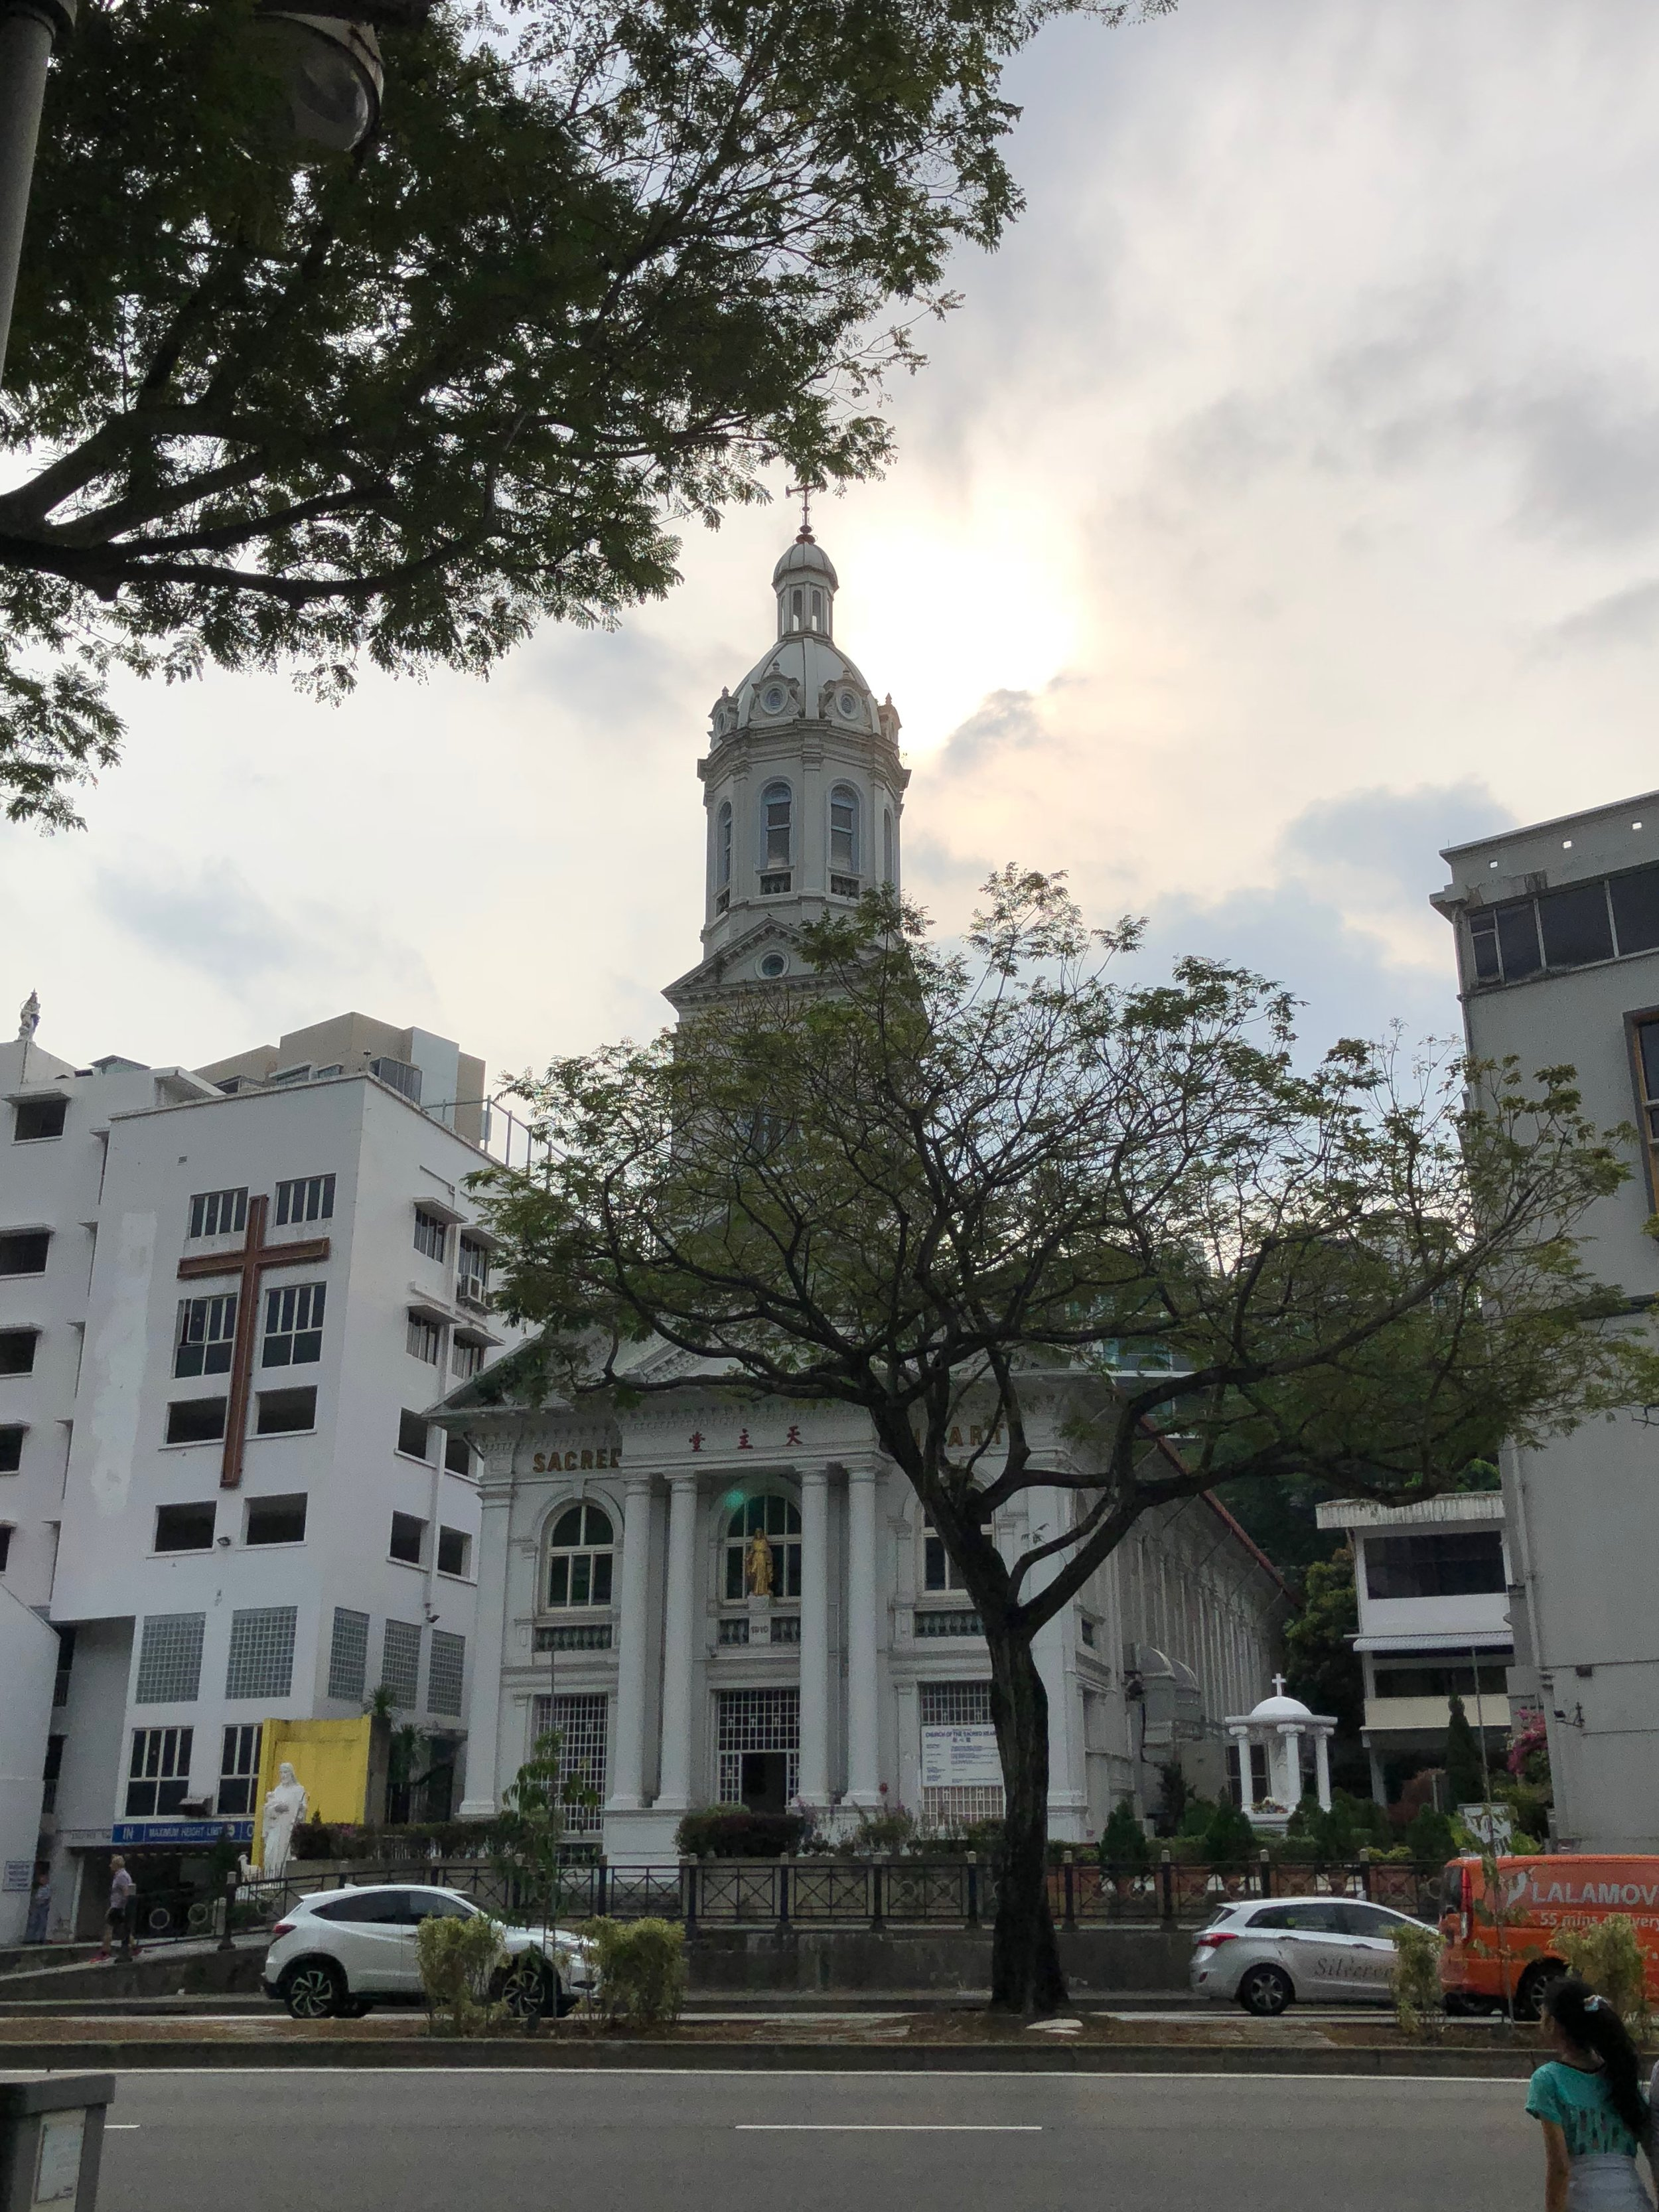 Una iglesia bonita que encontré en Singapur. Me interesa cuando encuentro iglesia cristianos cuando estoy en un país tan exótico como Singapur.